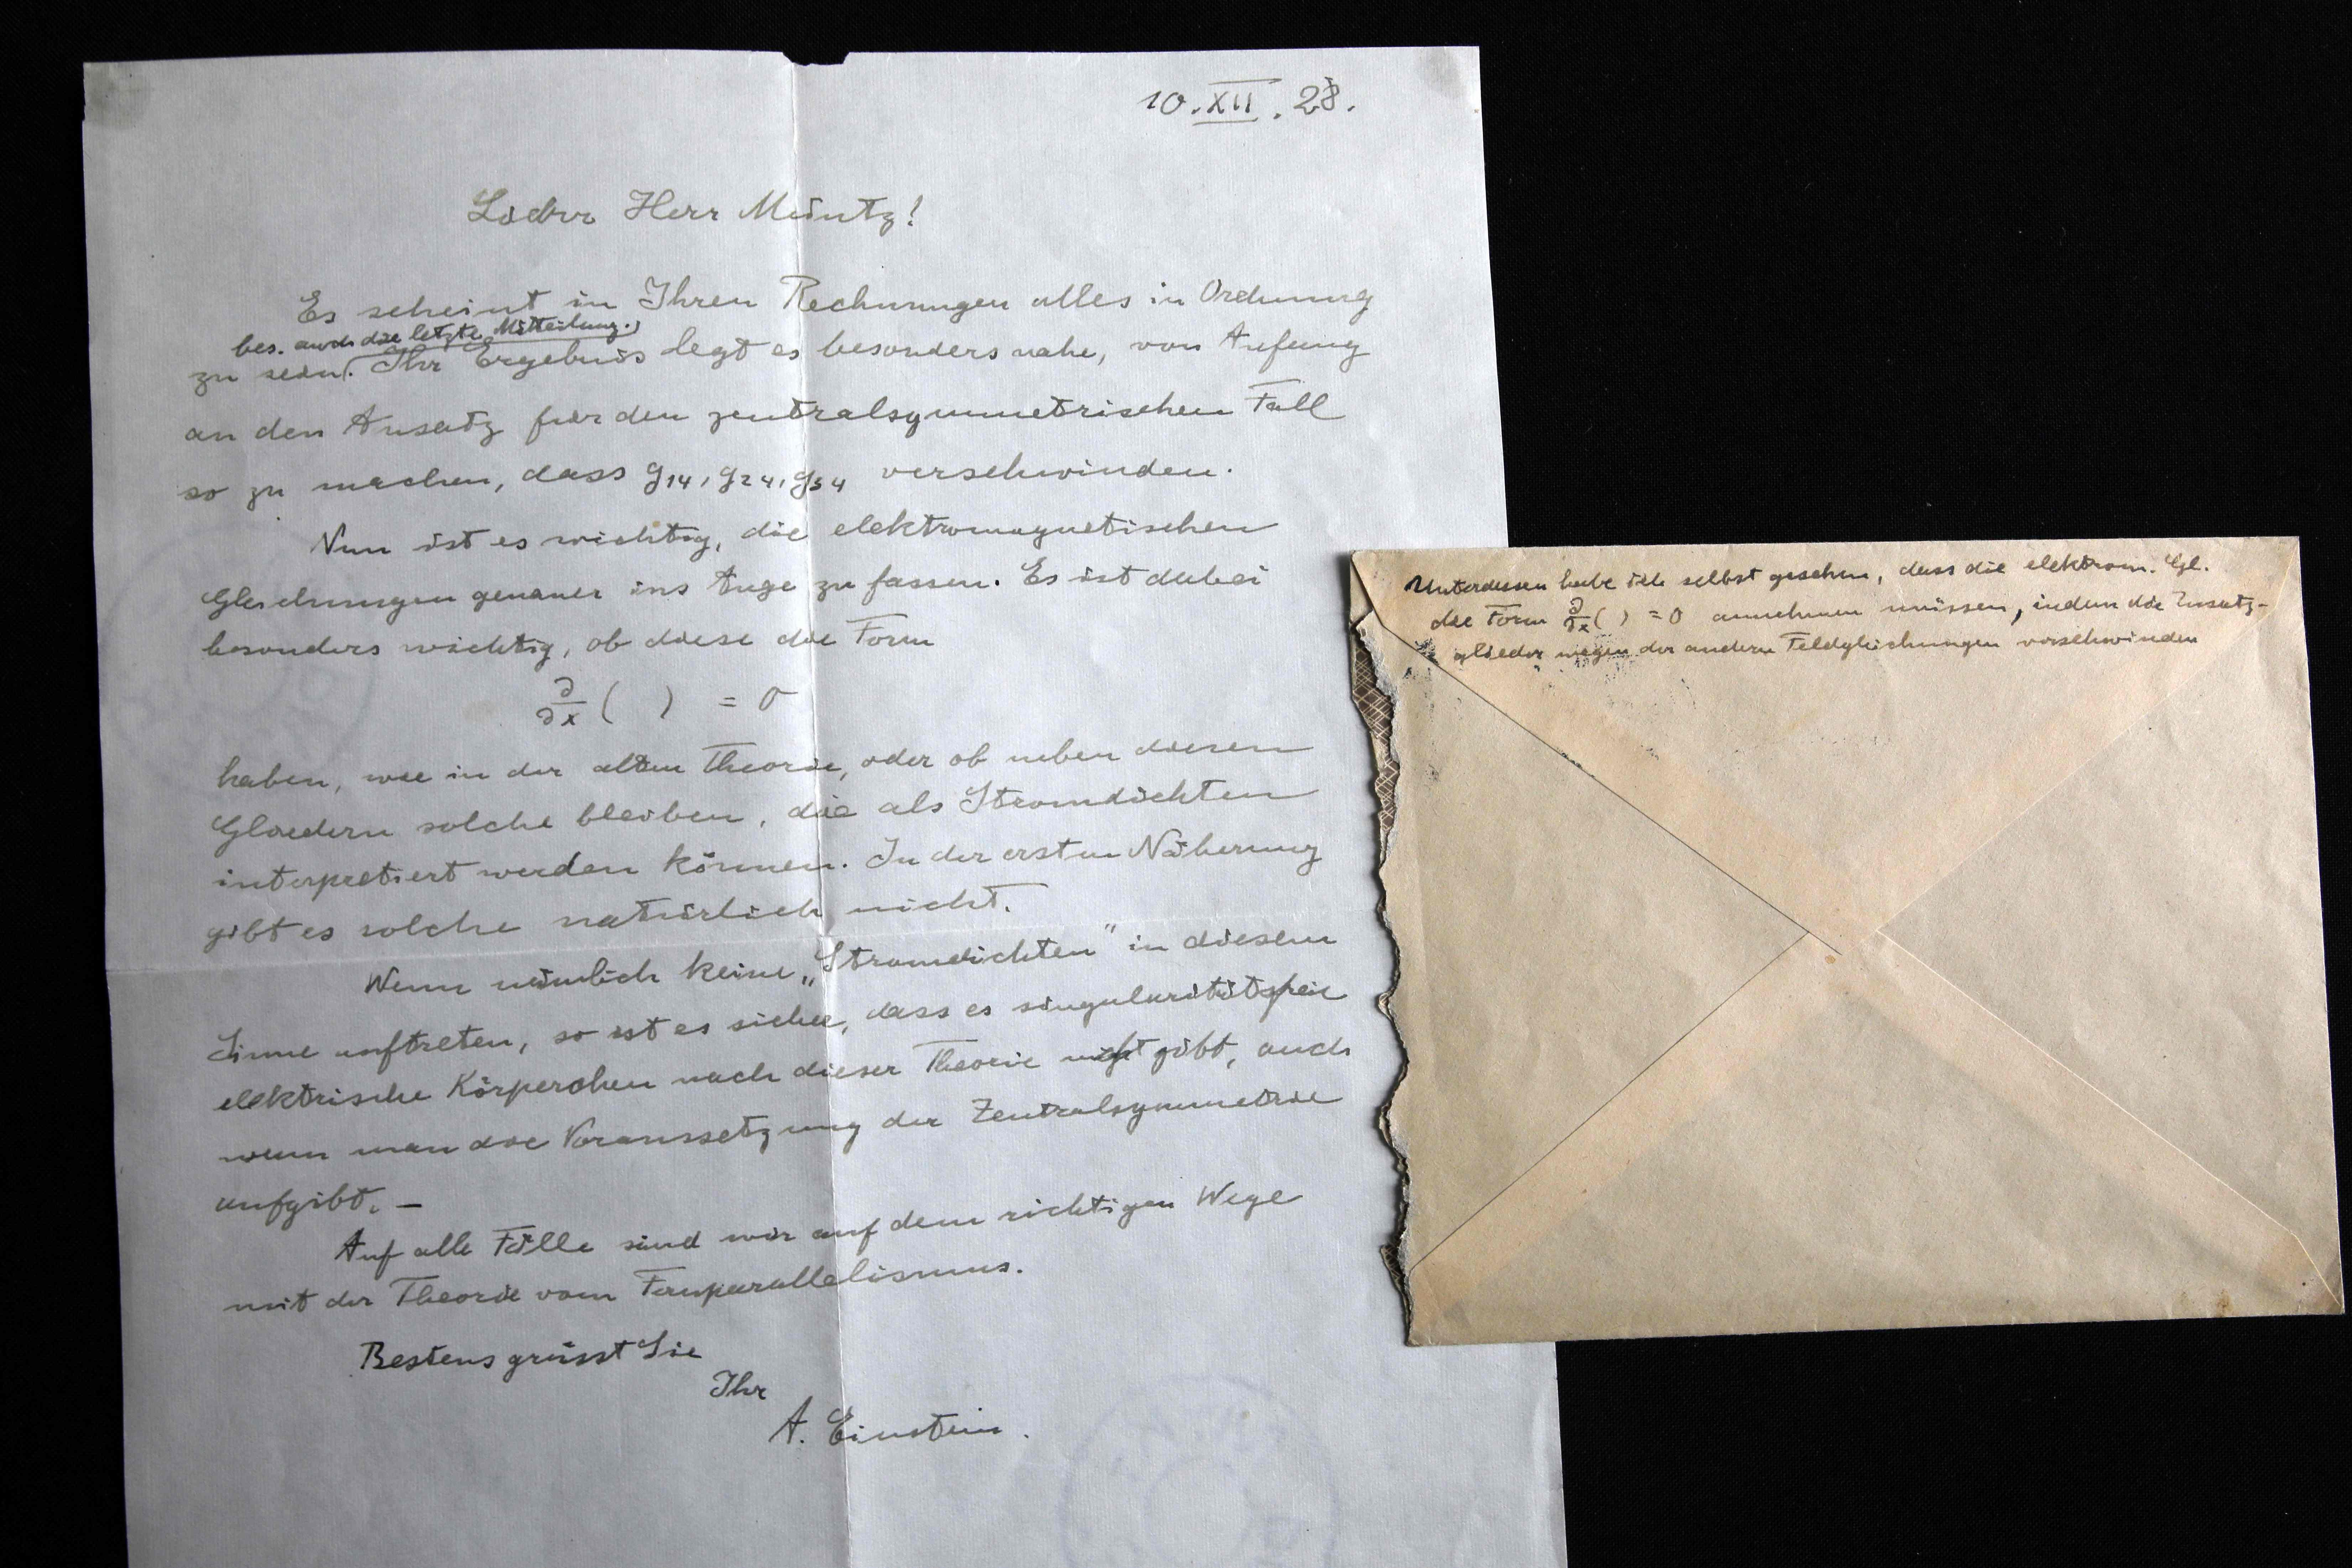 الرسالة التى كتبها بالألمانية